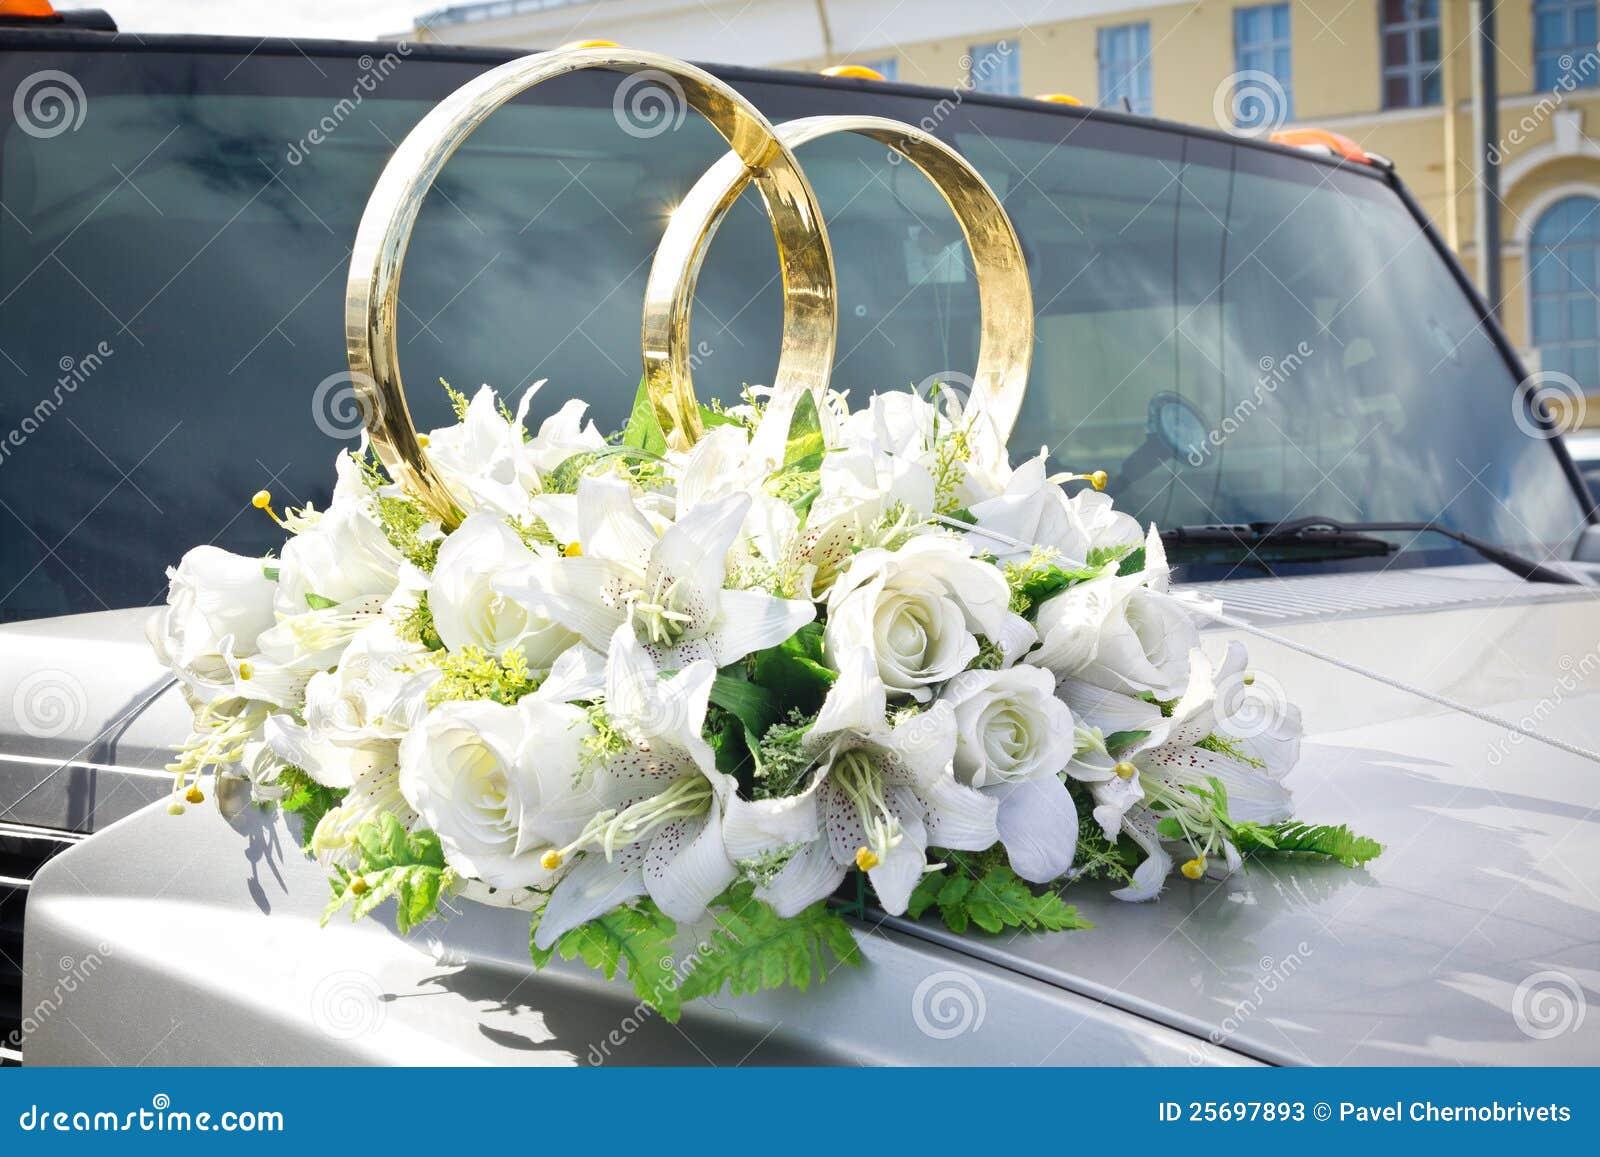 Hochzeitsauto Mit Blumen Stock Images 330 Photos